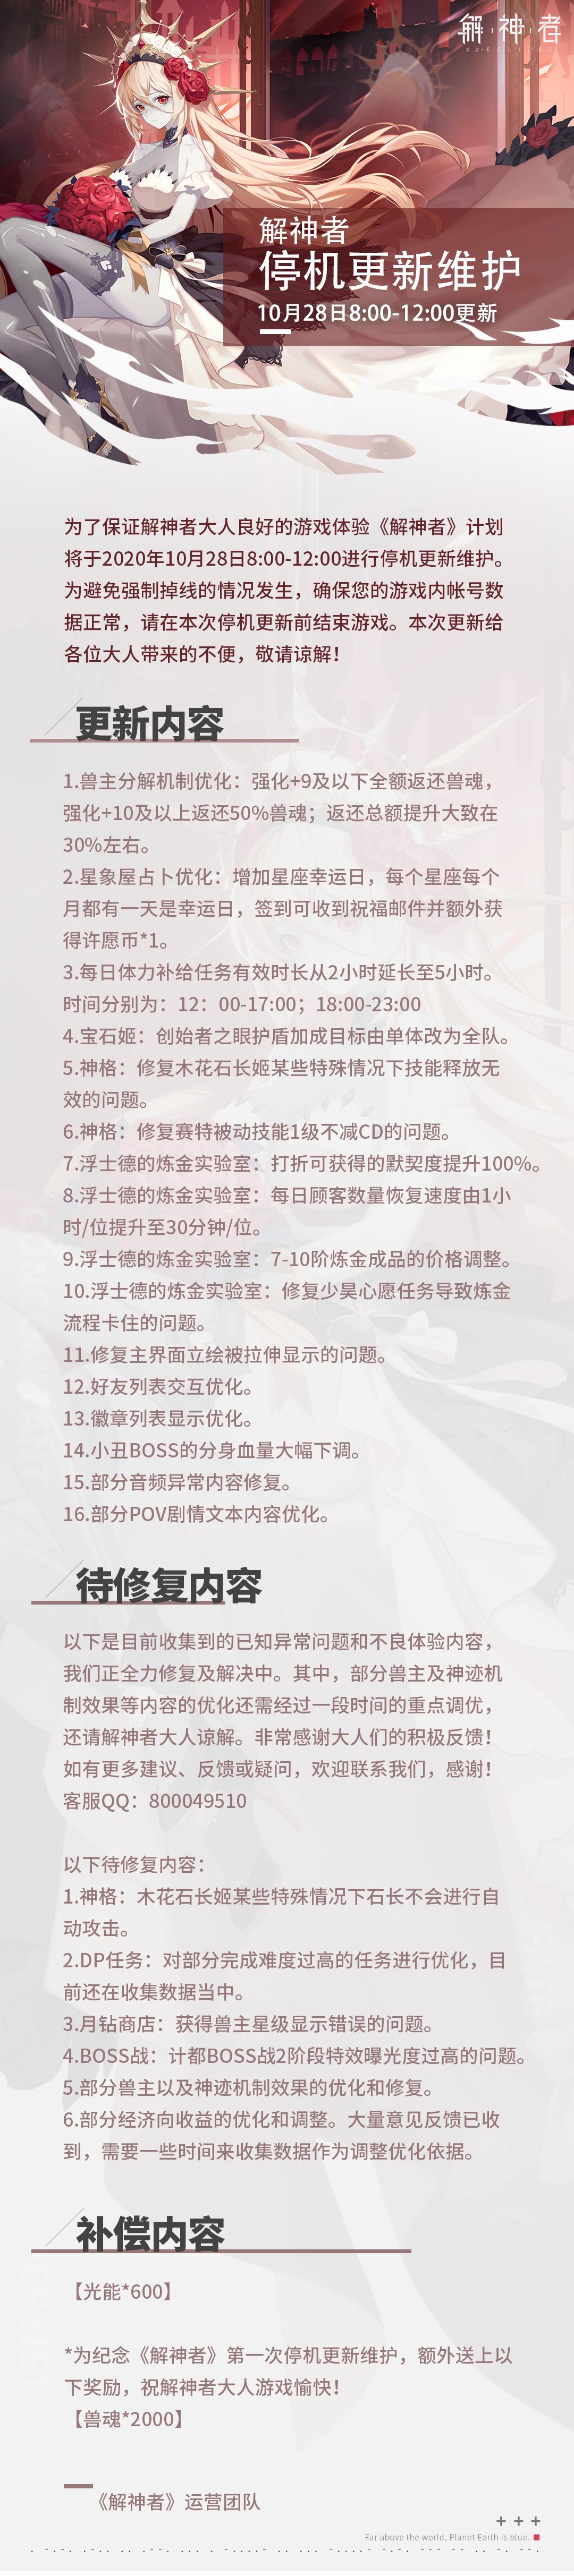 【解神者】2020年10月28日8:00停机更新维护公告